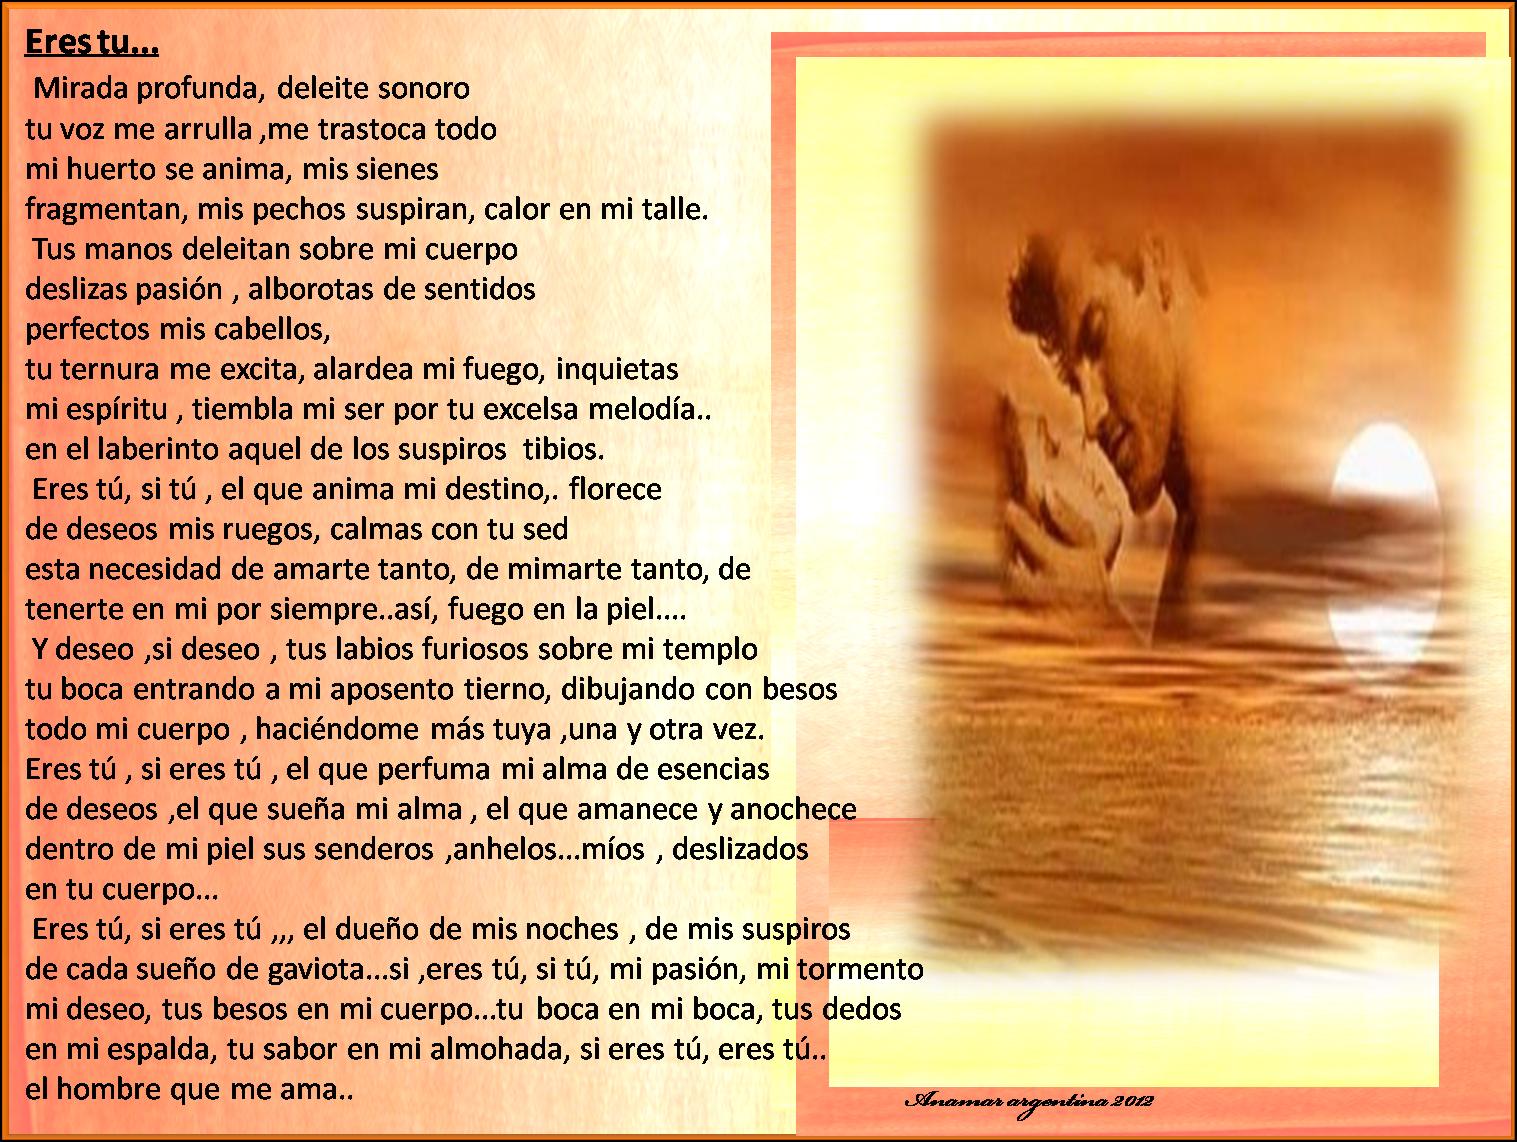 Poesias Romanticas De Amor: Cartas Romanticas De Amor-romanticos Poemas De Amor Con